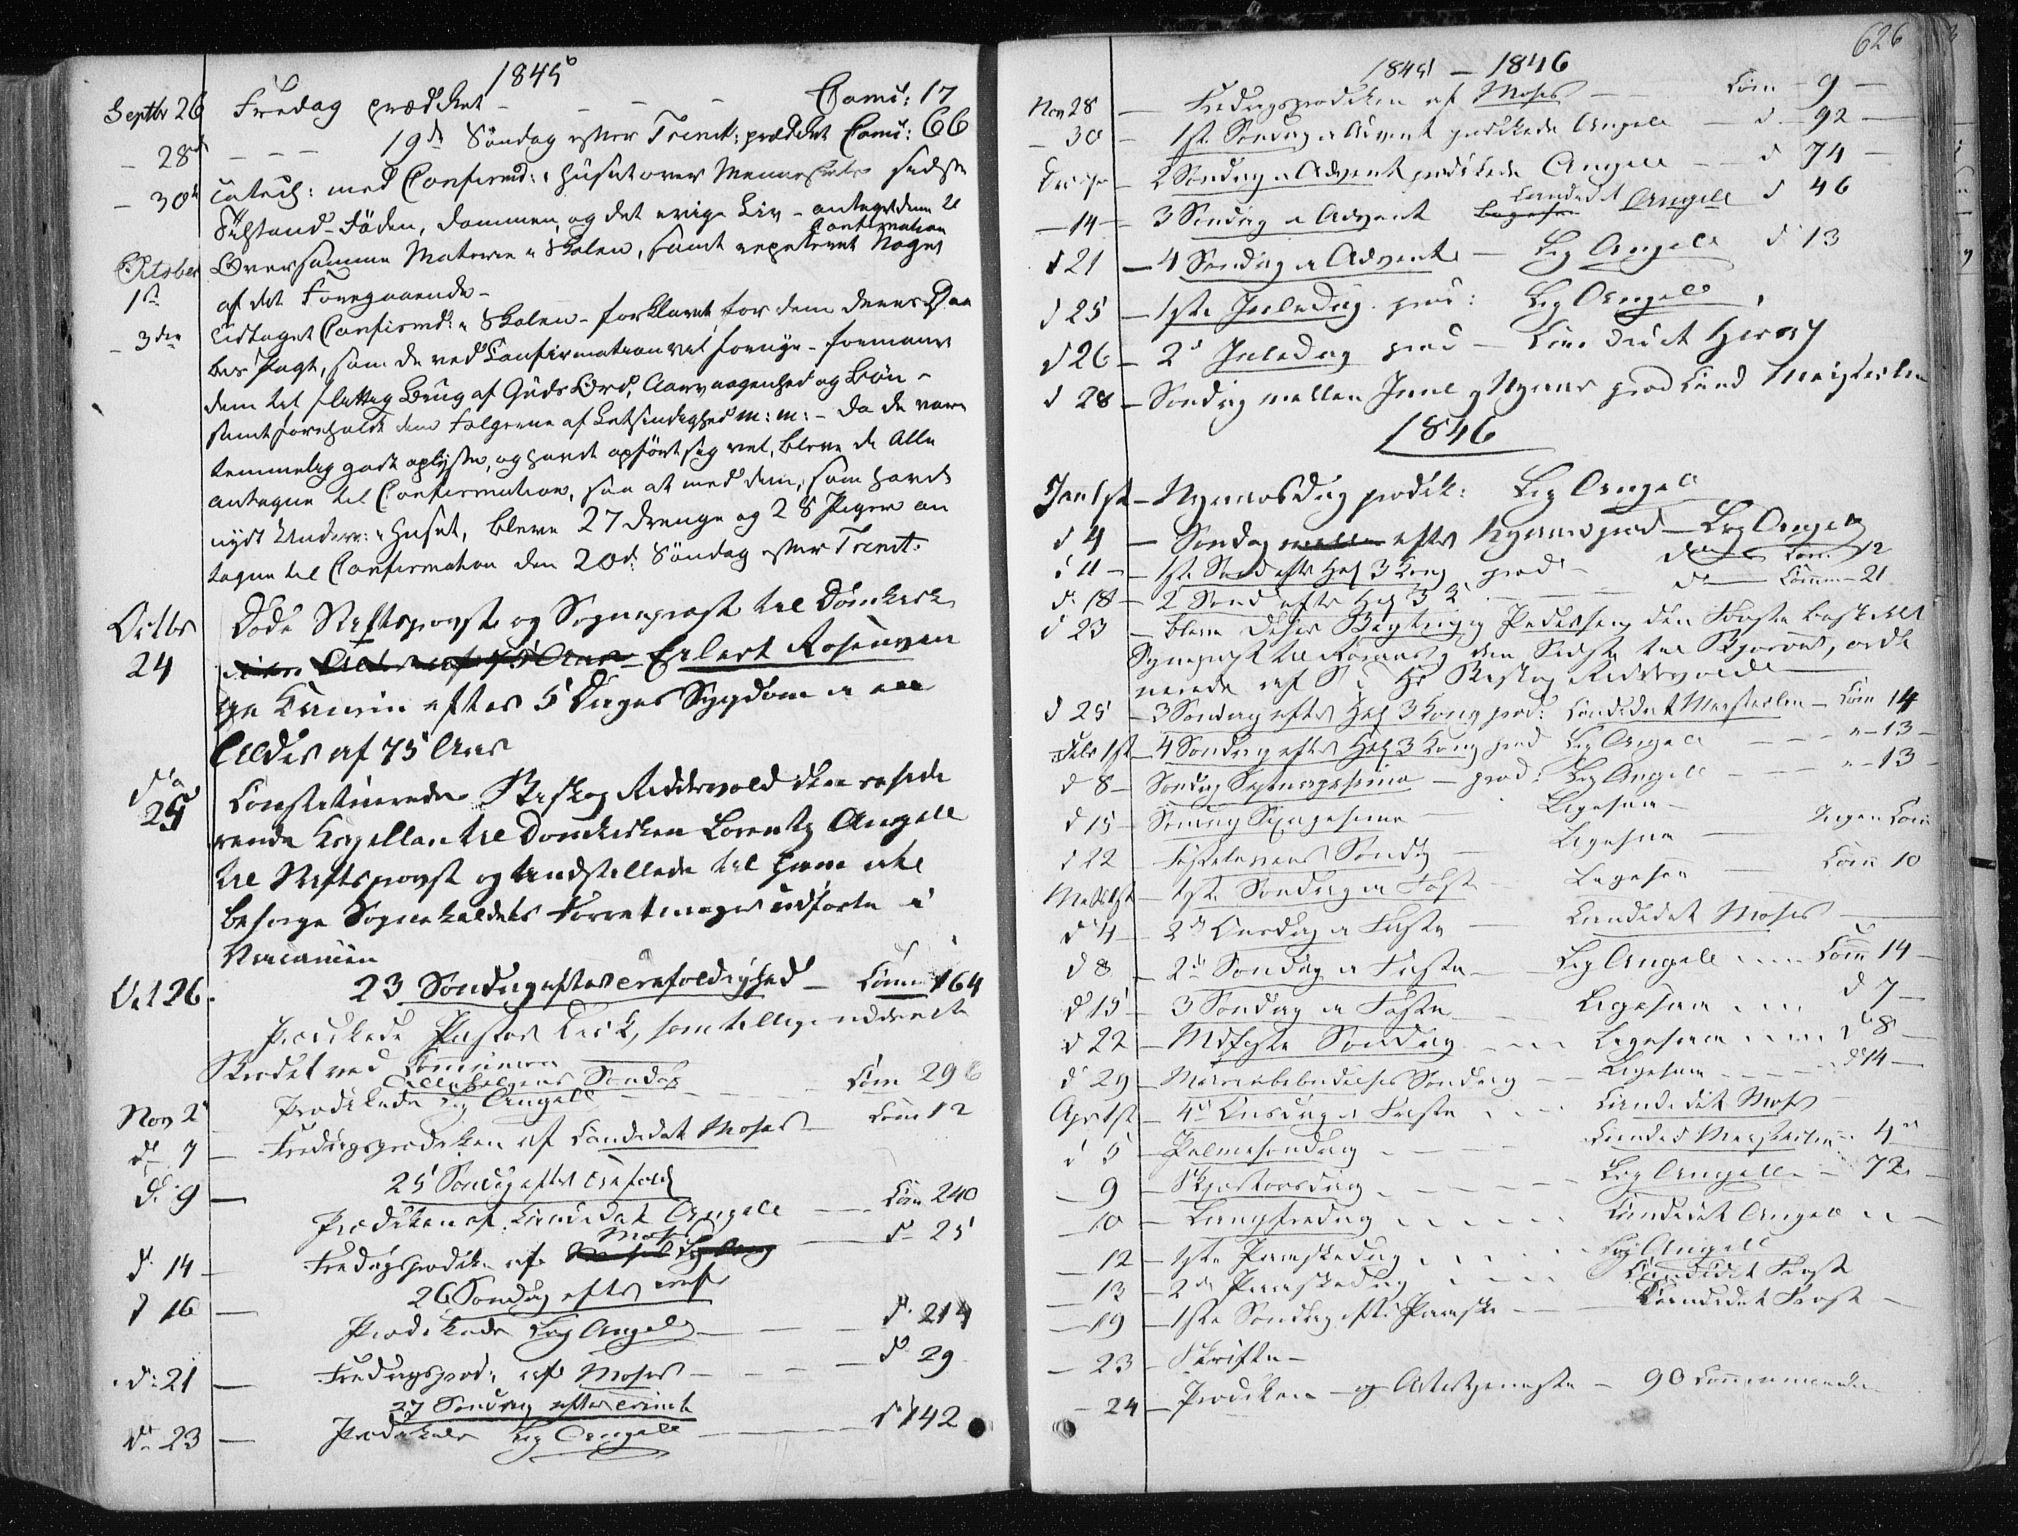 SAT, Ministerialprotokoller, klokkerbøker og fødselsregistre - Sør-Trøndelag, 601/L0049: Ministerialbok nr. 601A17, 1839-1847, s. 626